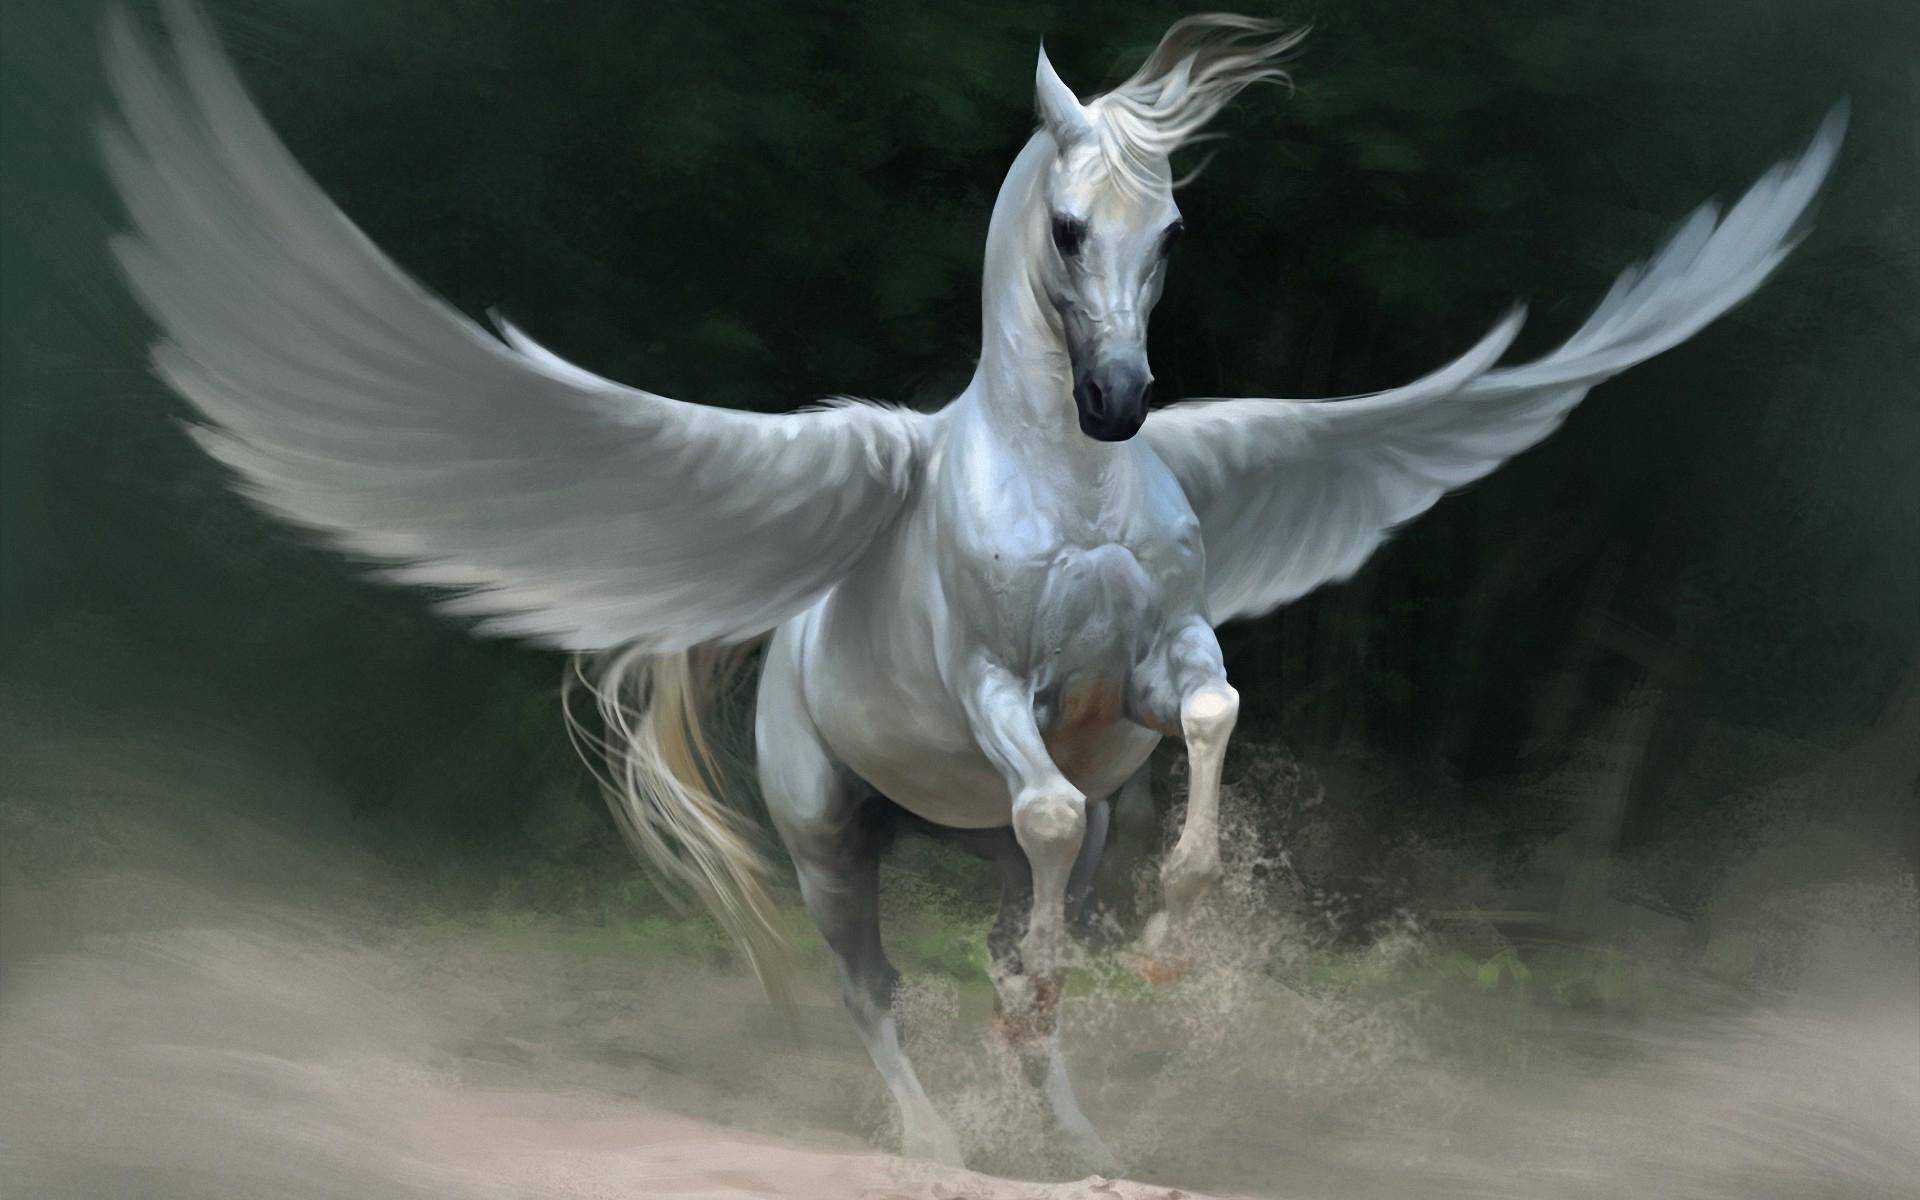 pegasus-fantasy-wings-running-1920x1200